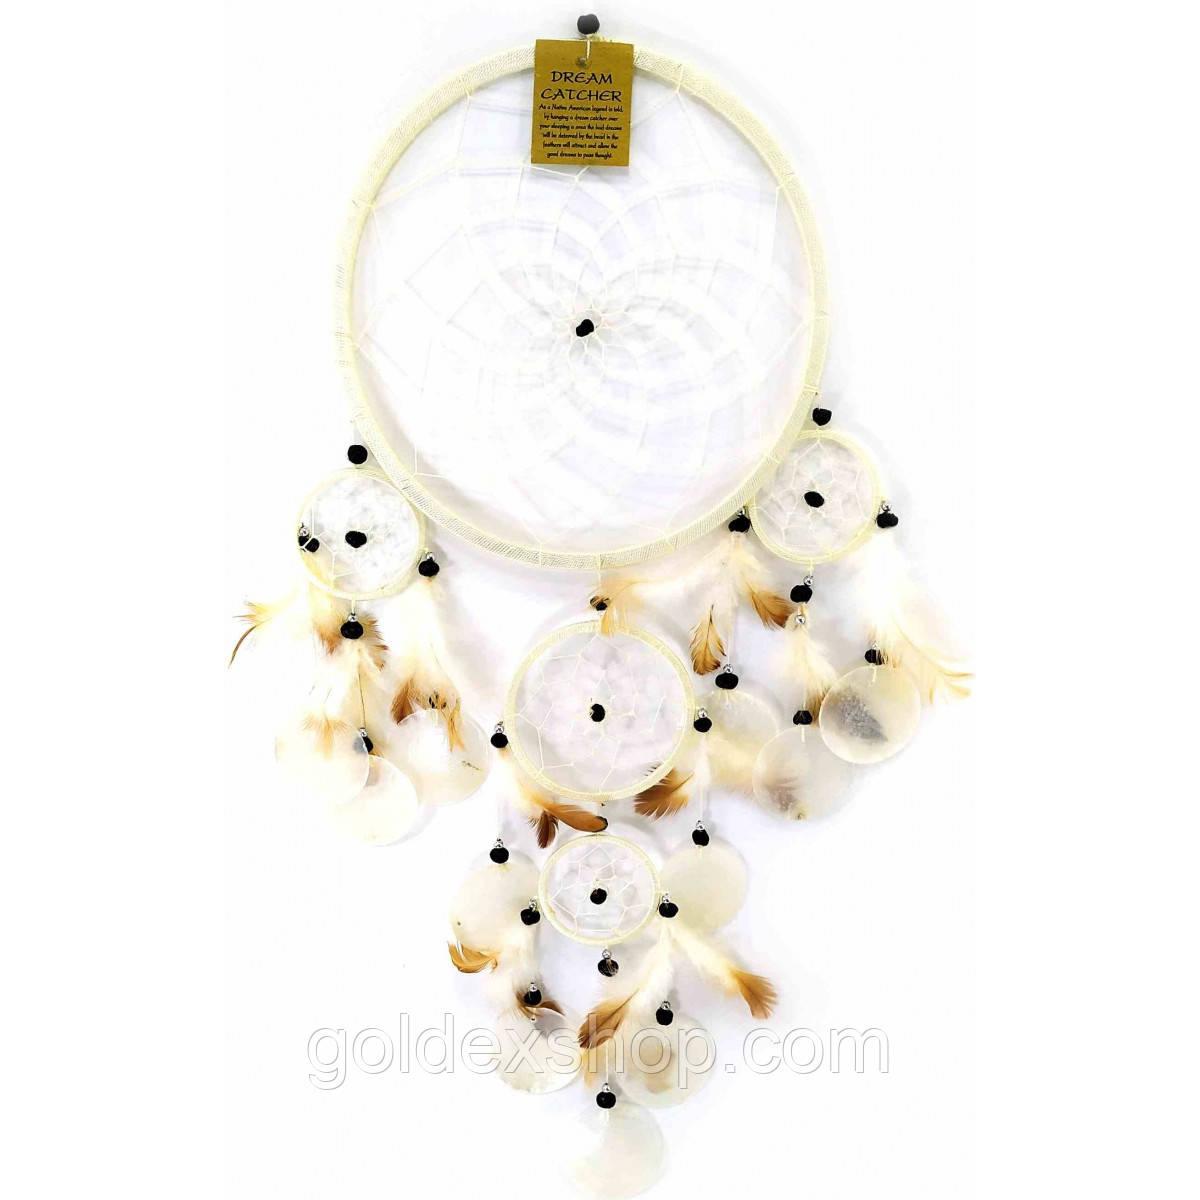 Амулет Ловец снов со ракушками белый (d-22 см h-60 см)